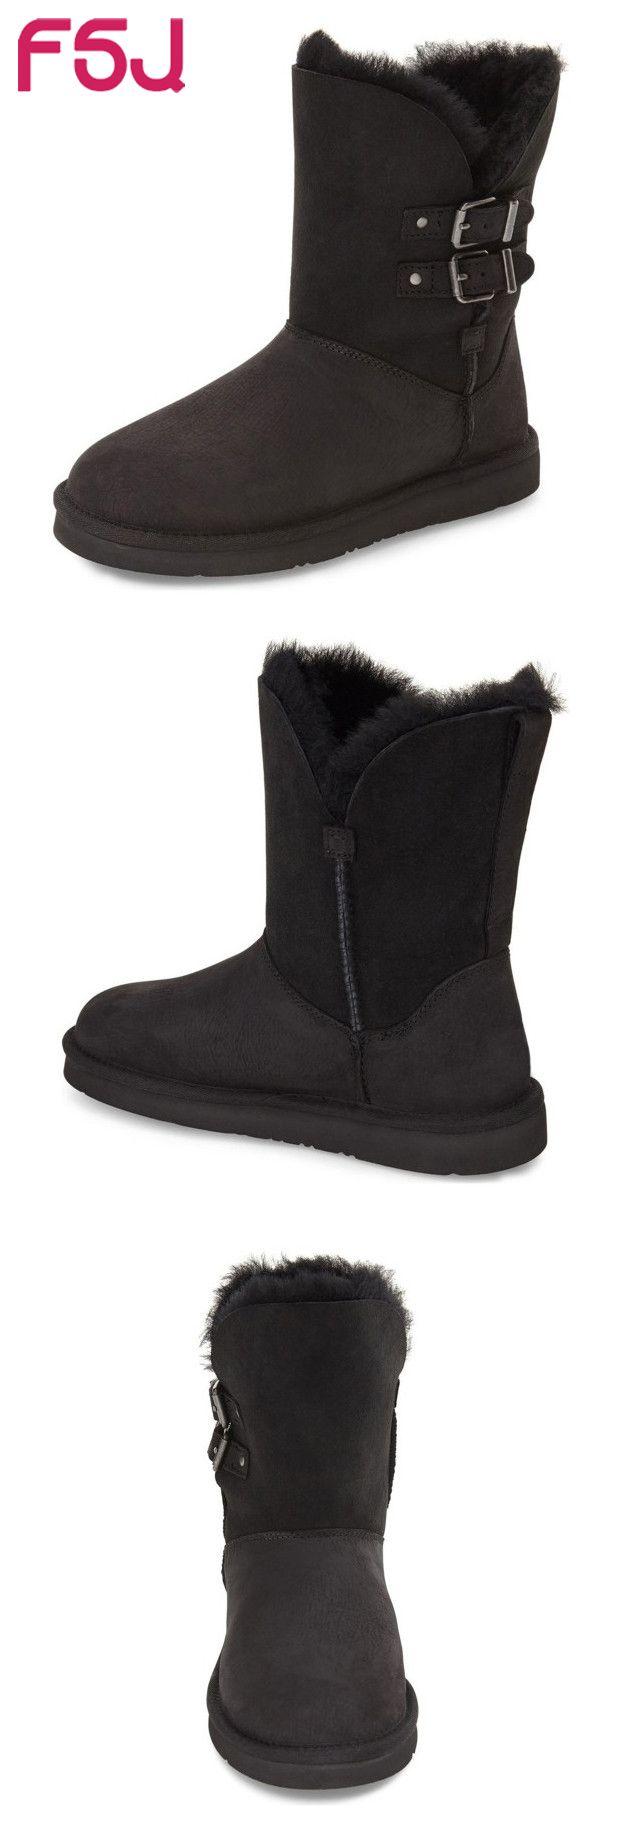 #FSJシューズ# #fsjshoes# レディース靴 黒・ブラック 。゚゚。゚。雪ダ(*´艸`)ε3。゚ε3。゚゚。゚。 冬靴 スノーブーツ【Snow Boots】 スエード ウィンタブーツ 防寒ブーツ FSJシューズ バックル飾り付き 耐久性が高い~